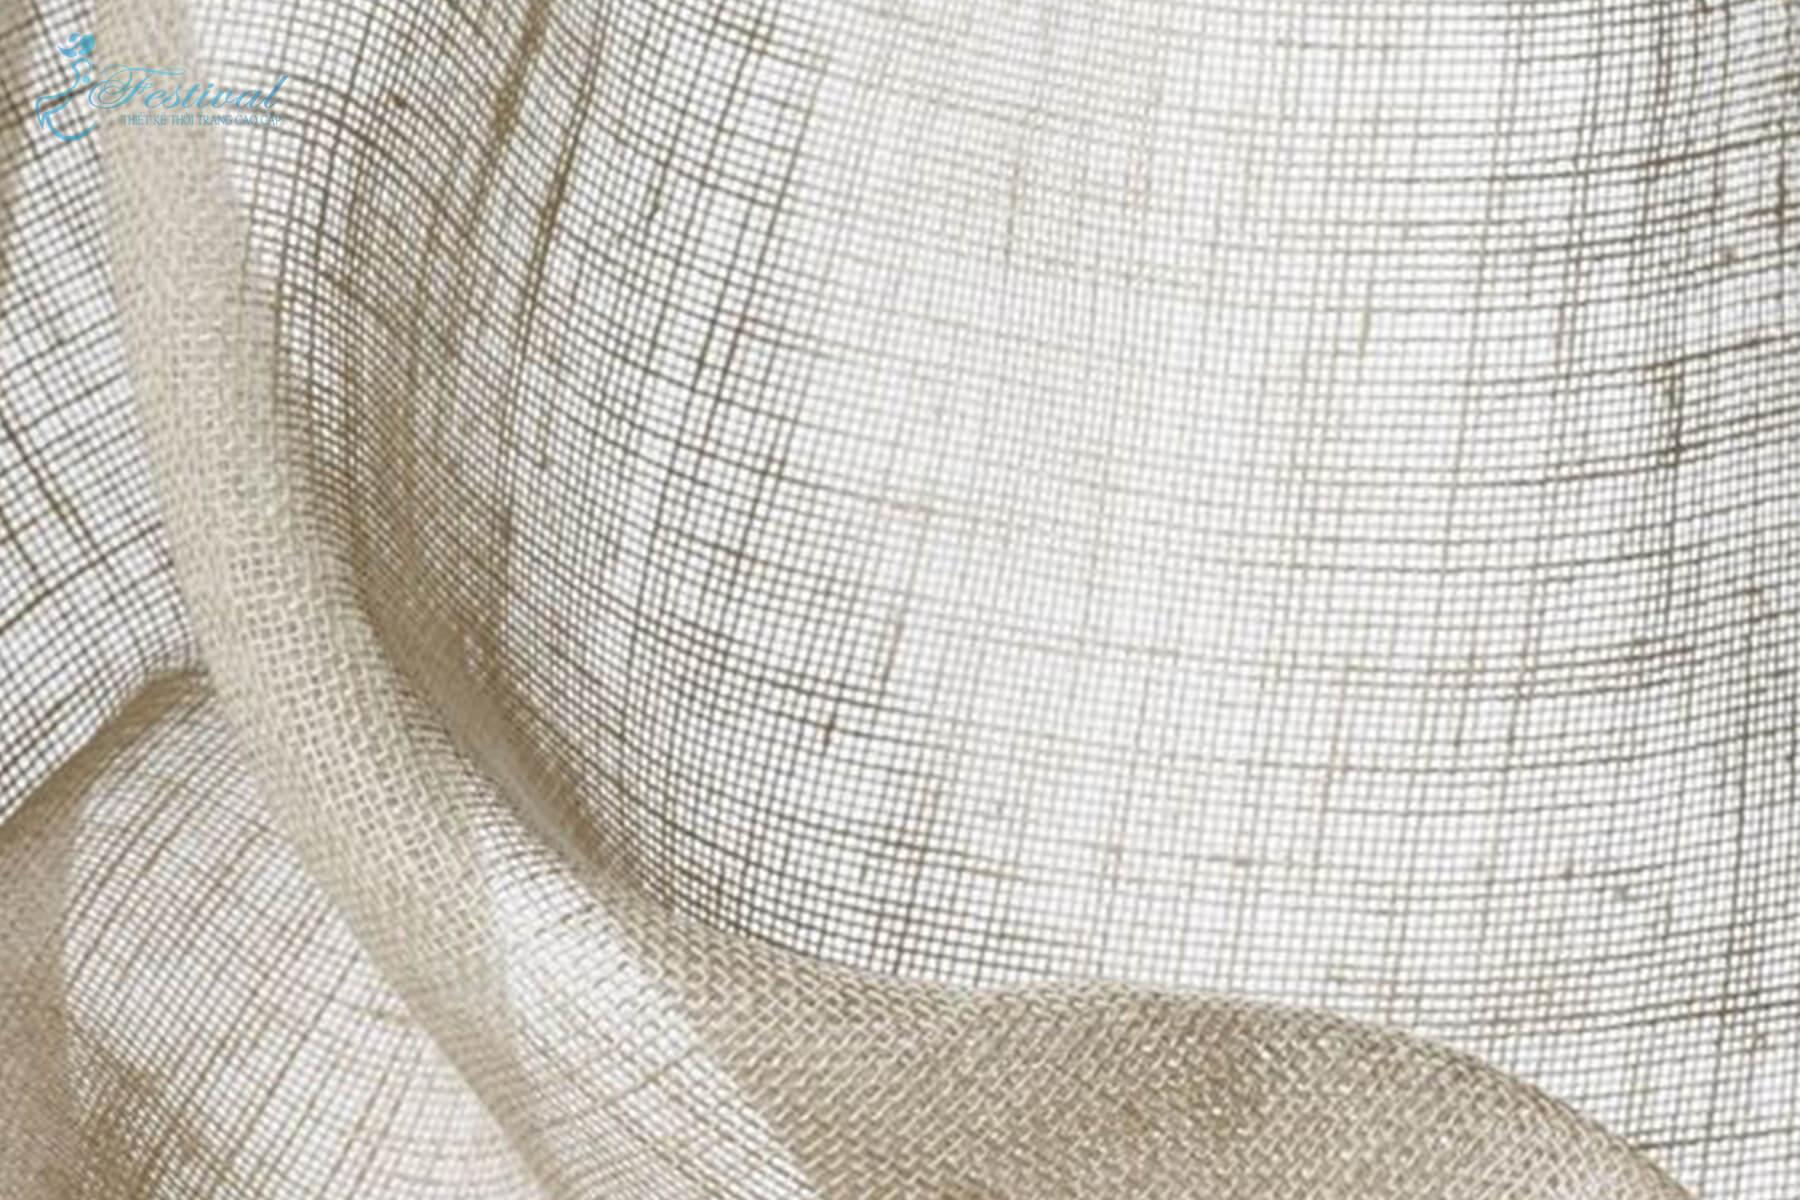 Nguồn gốc vải lanh - Vải lanh là gì? Sự lựa chọn hợp lý nhất cho mùa hè